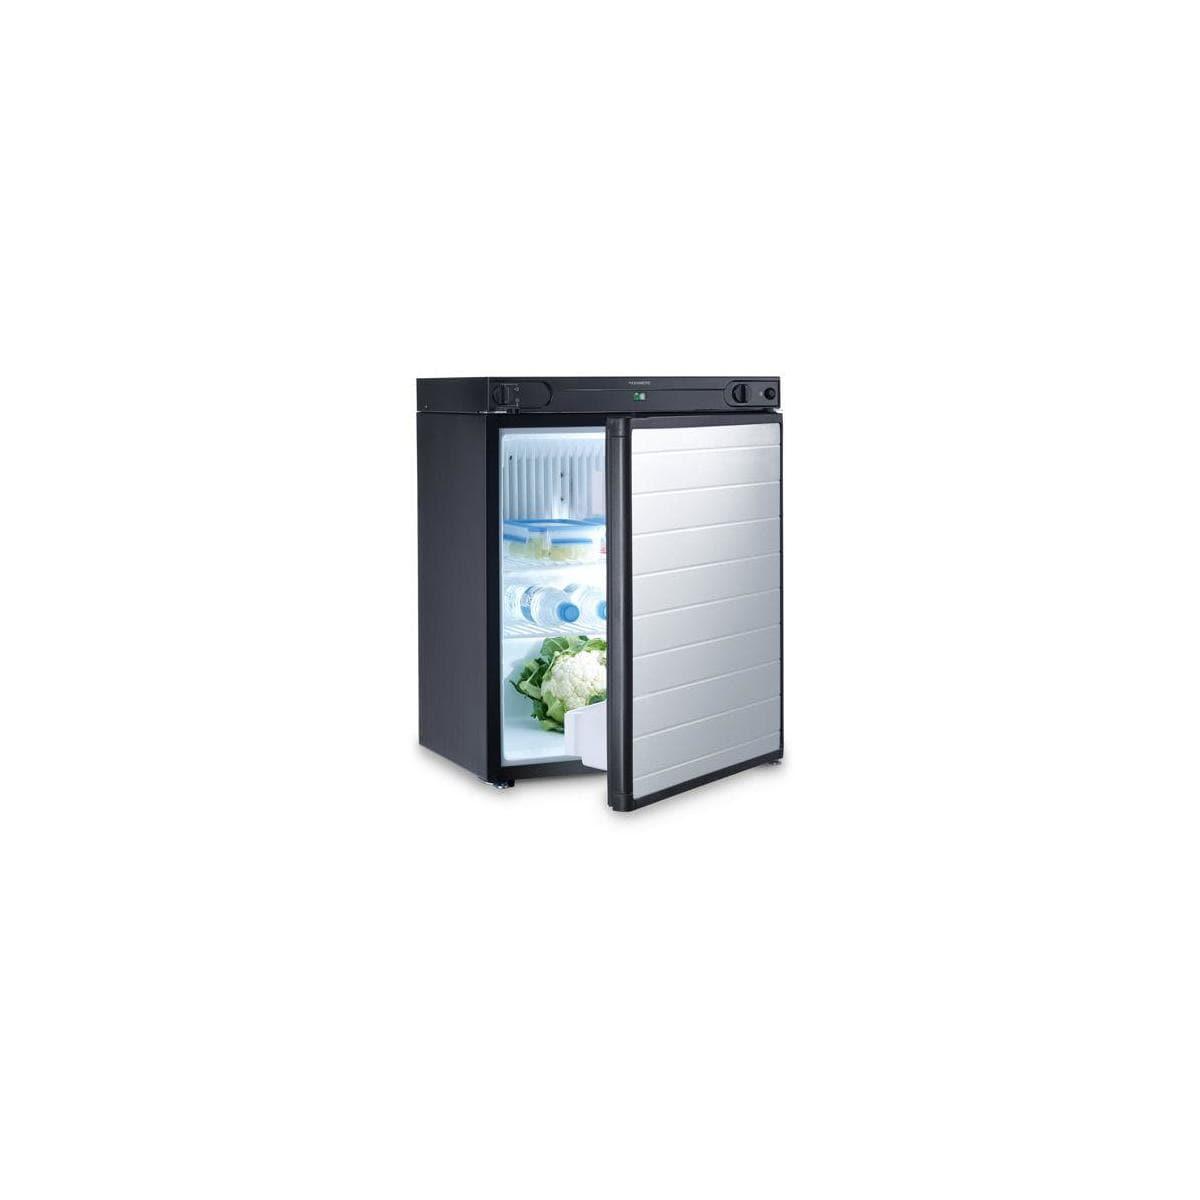 Kühlschrank Verriegelung : Dometic combicool rf absorber kühlschrank l v mbar